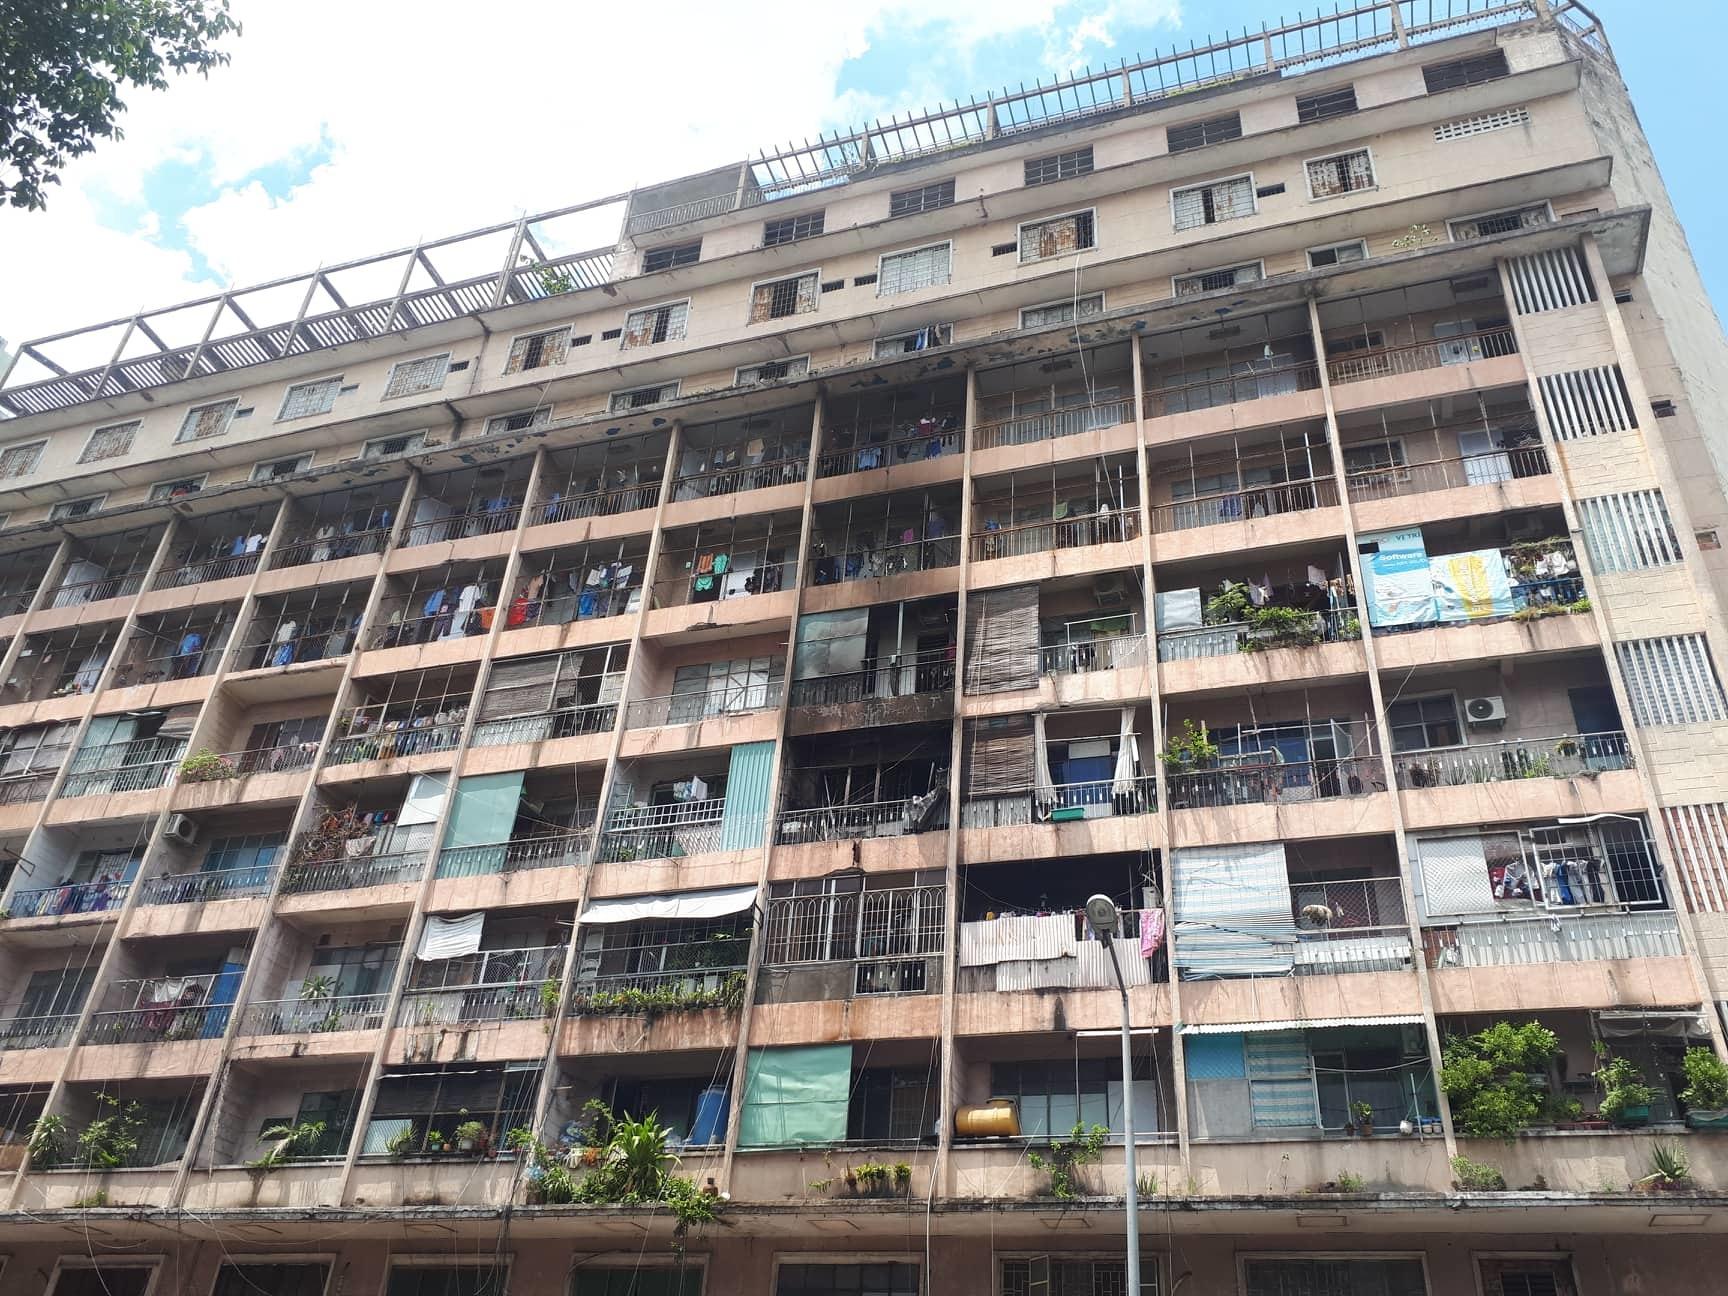 Cháy ký túc xá ở trung tâm Sài Gòn, giải cứu 28 người